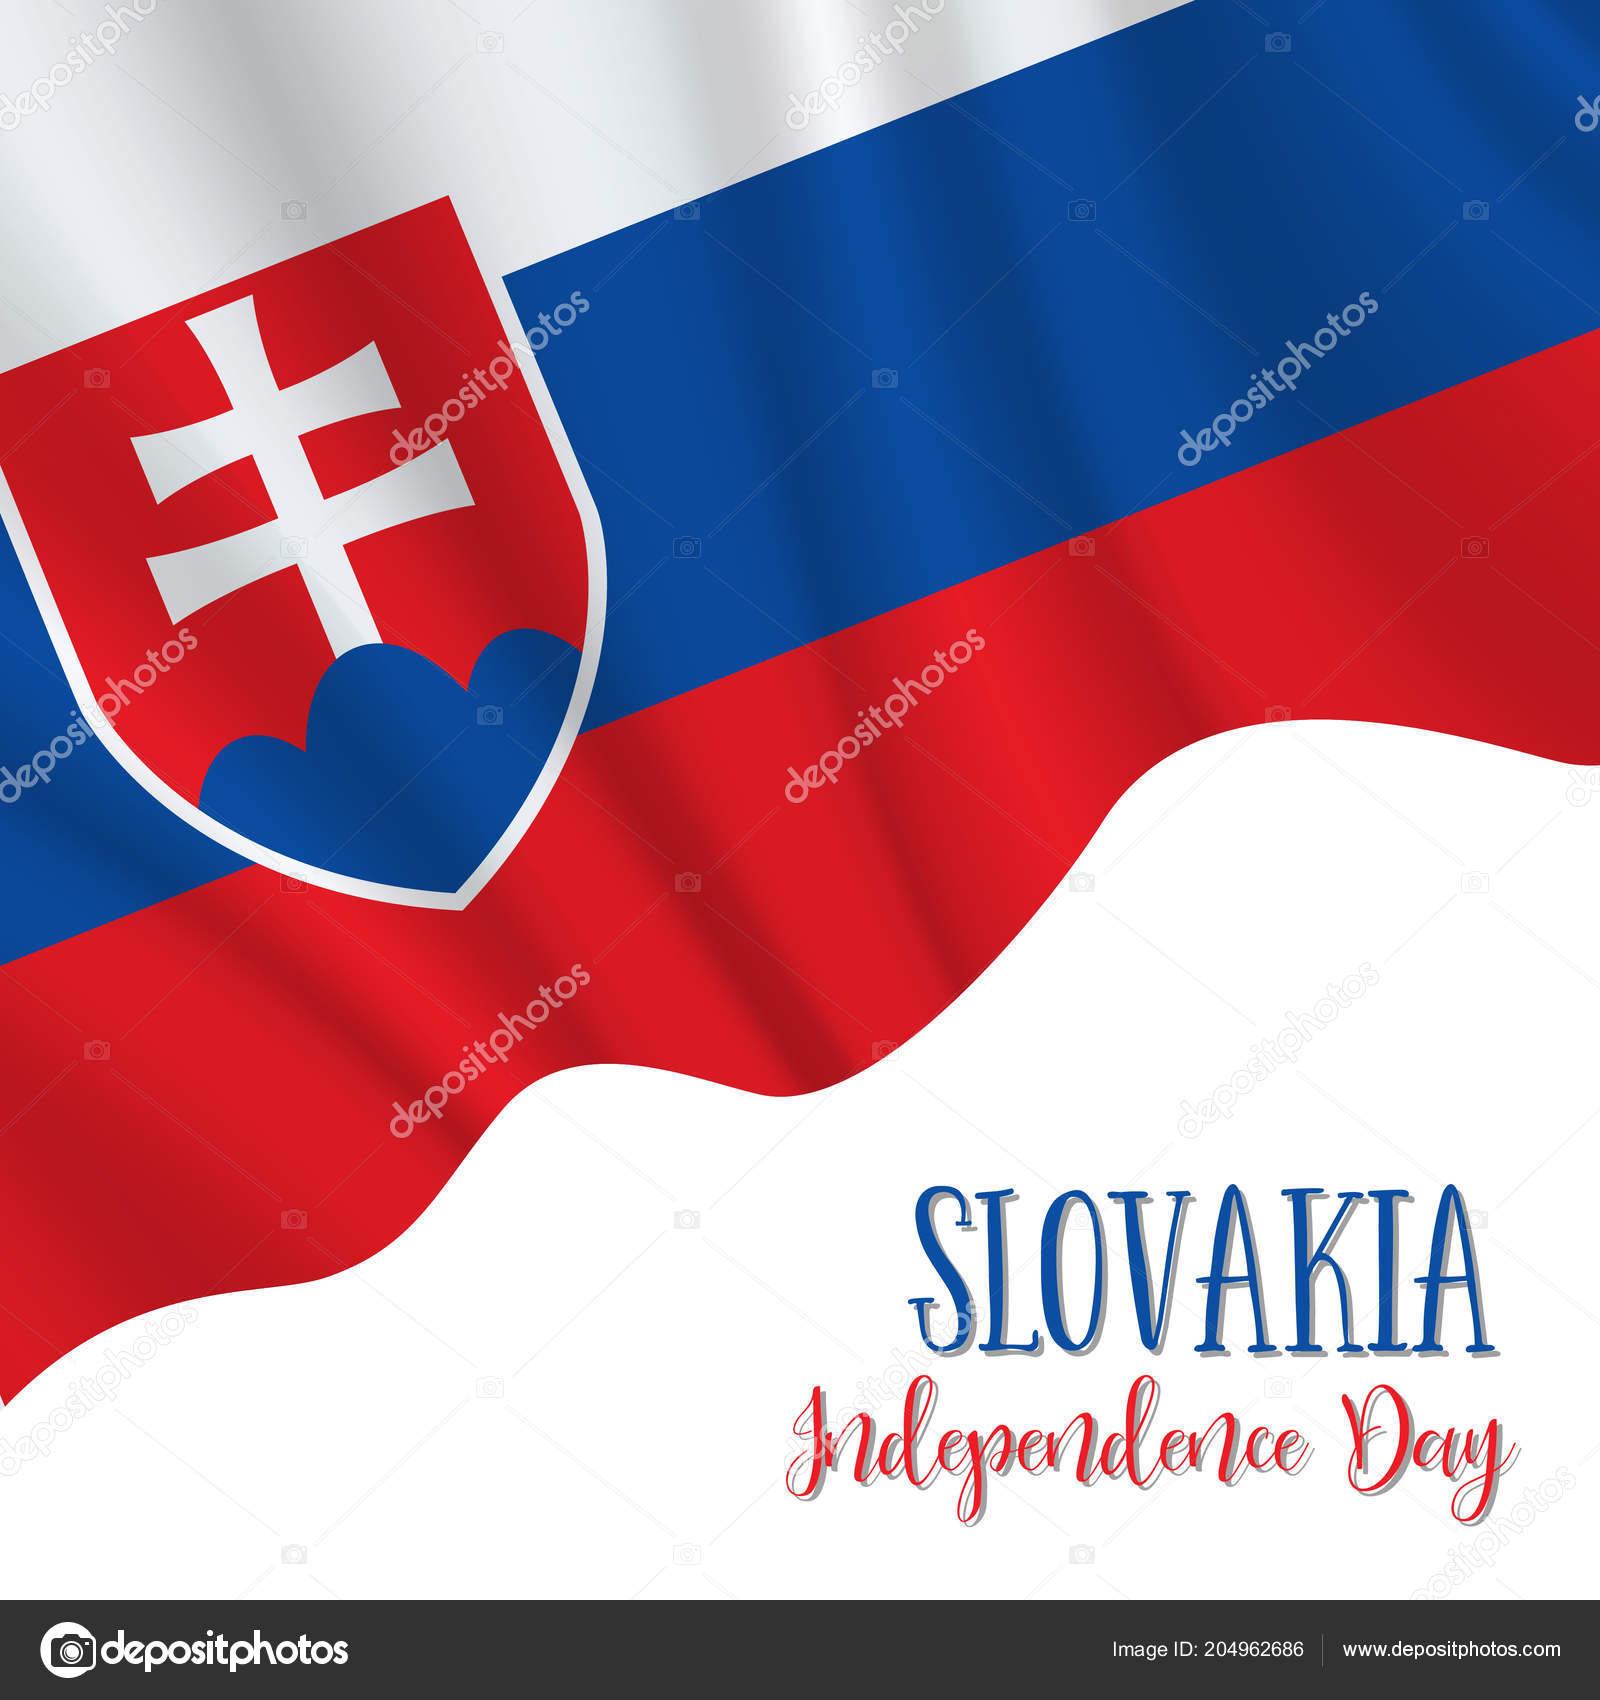 День конституции словакии тверской государственный университет бесплатное обучение